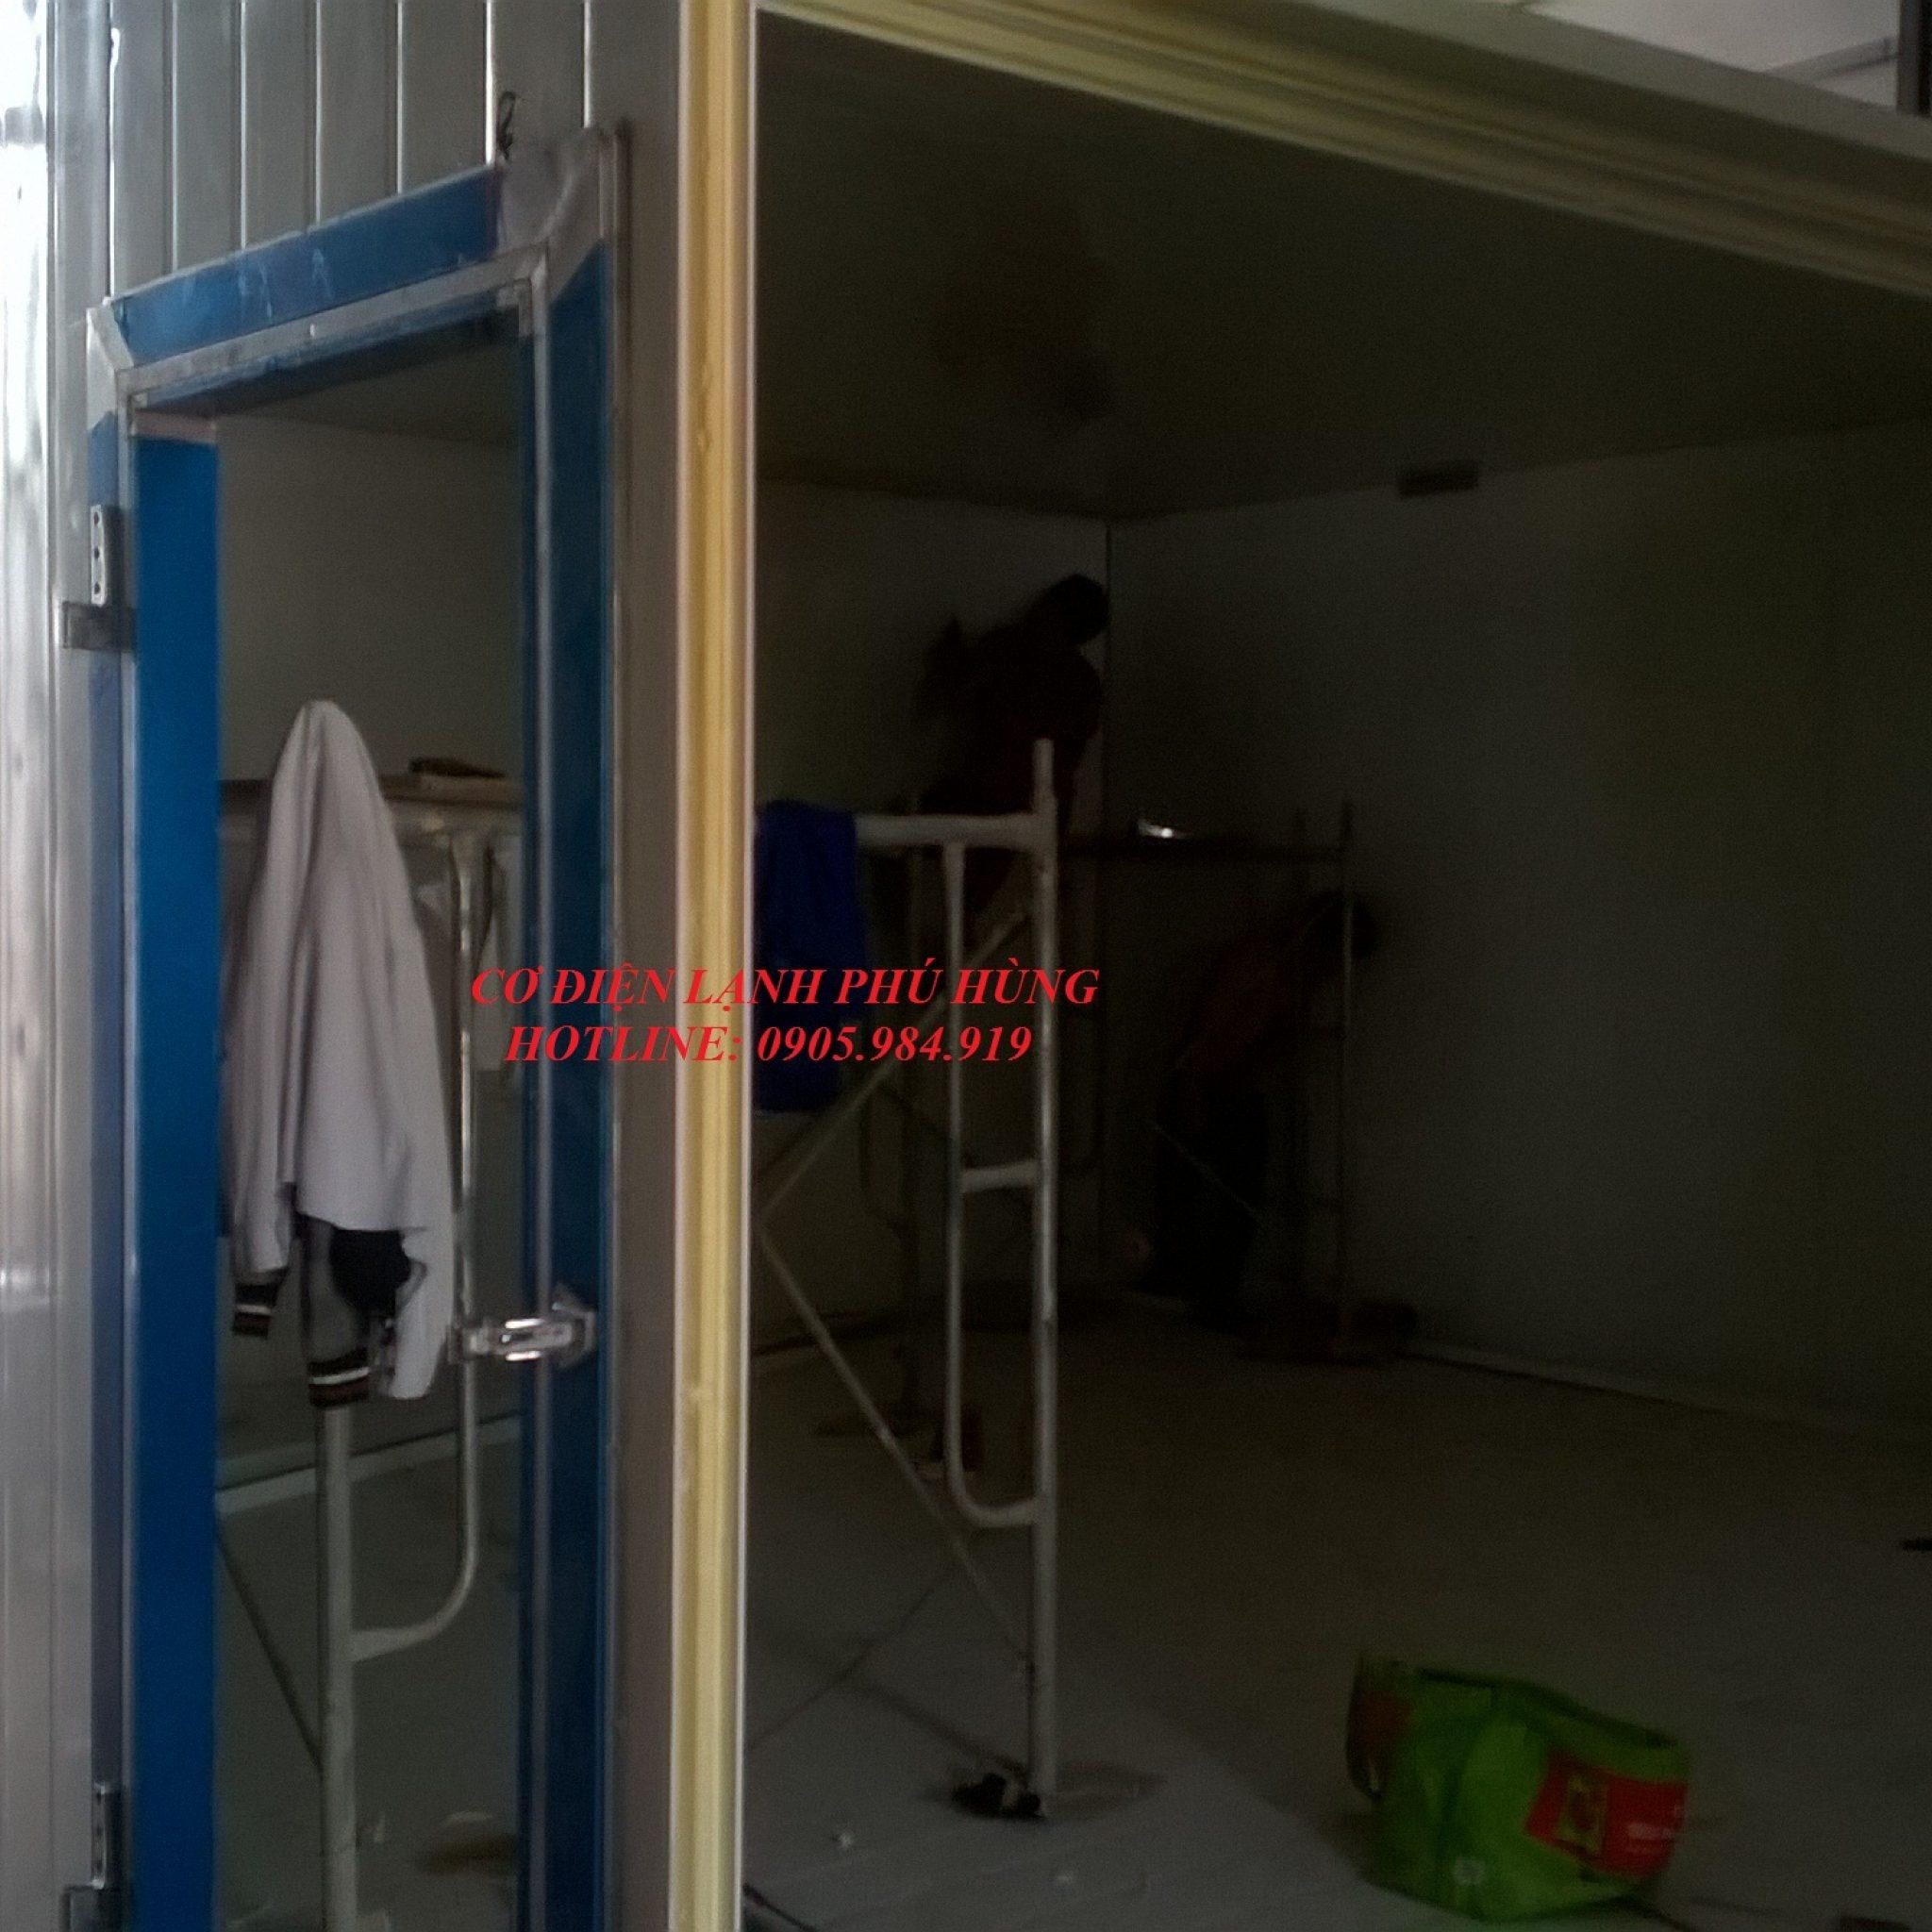 31 - Lắp đặt kho lạnh nem, chả tại Đà Nẵng